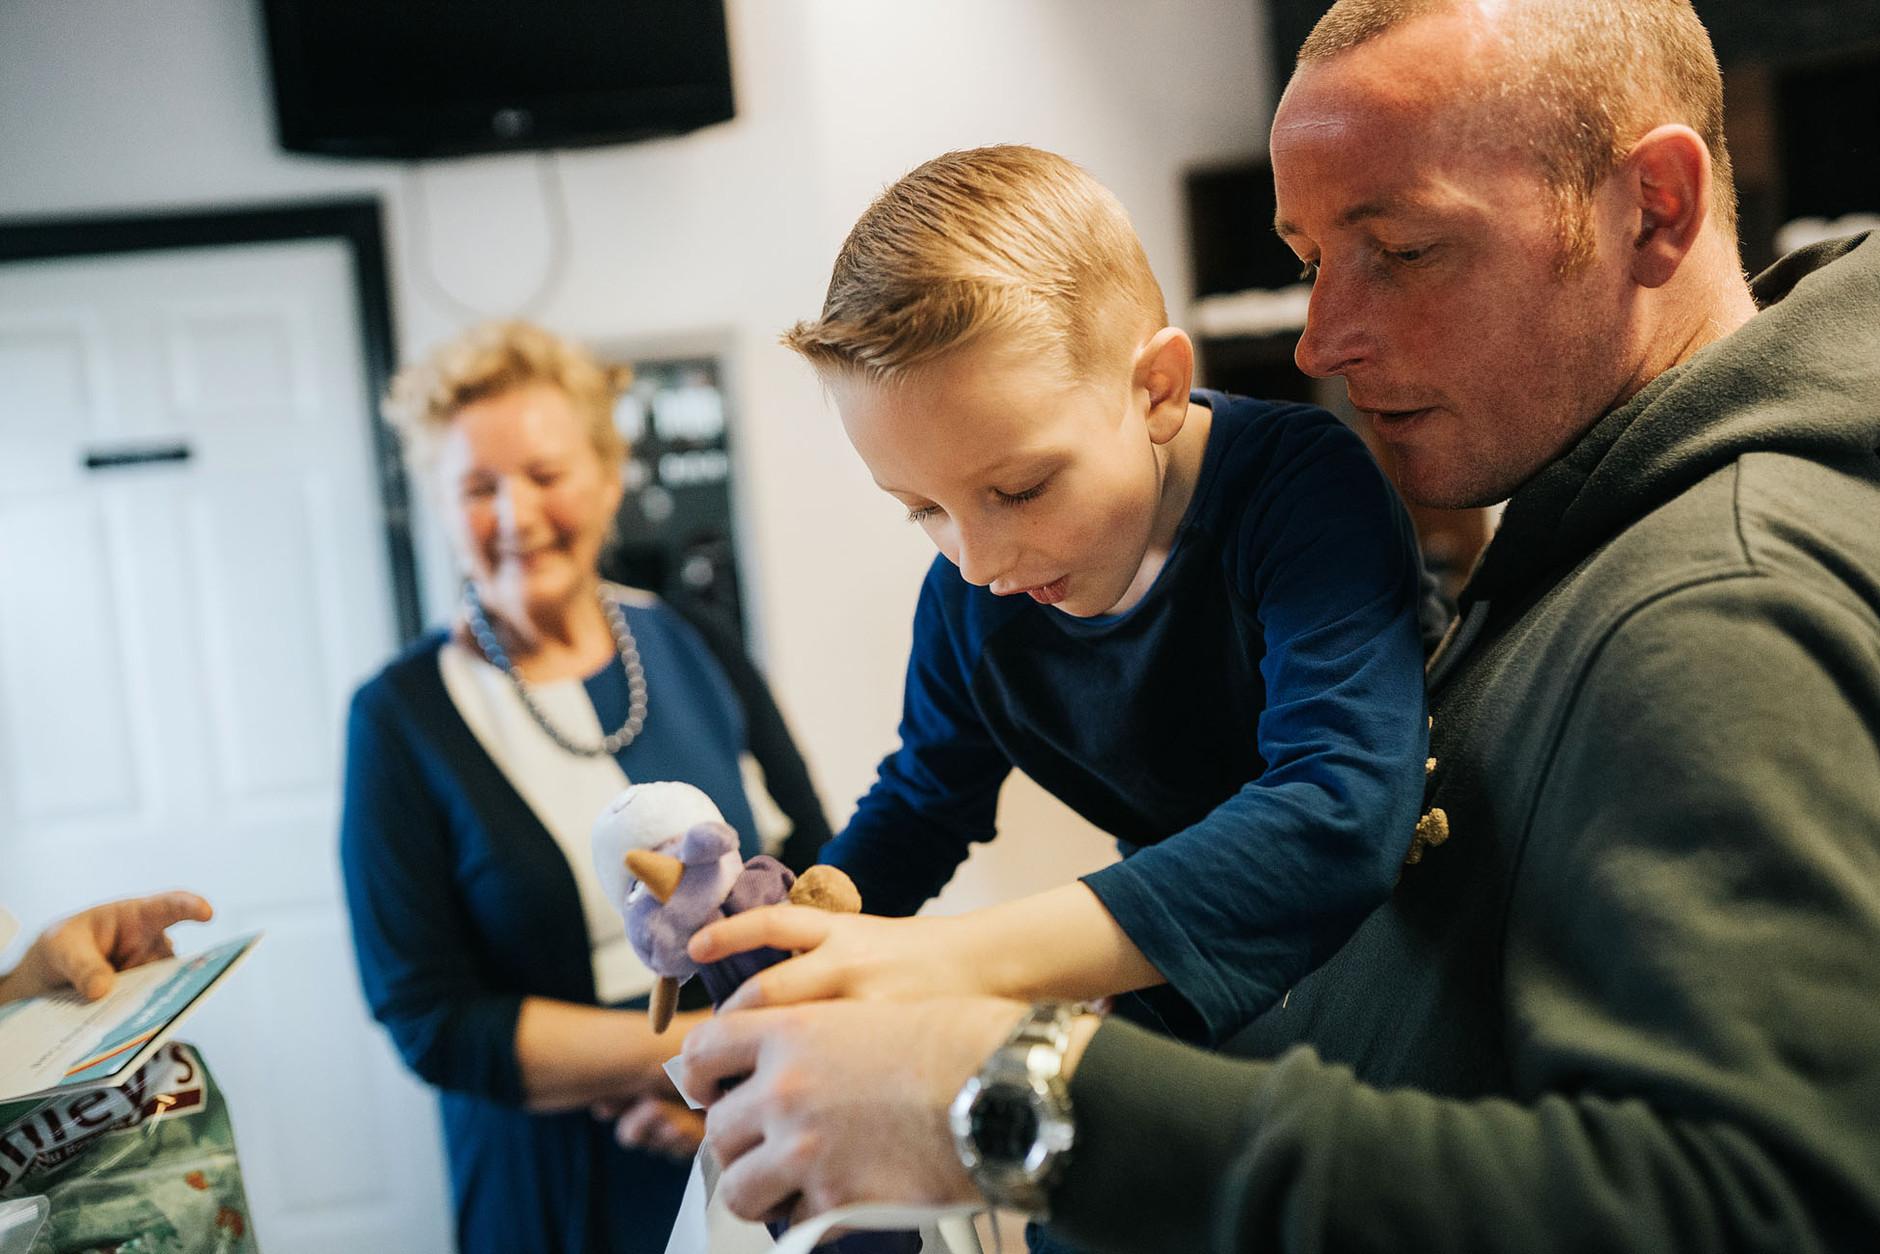 dublin-documentary-family-photography-finn-haircut-0040.jpg